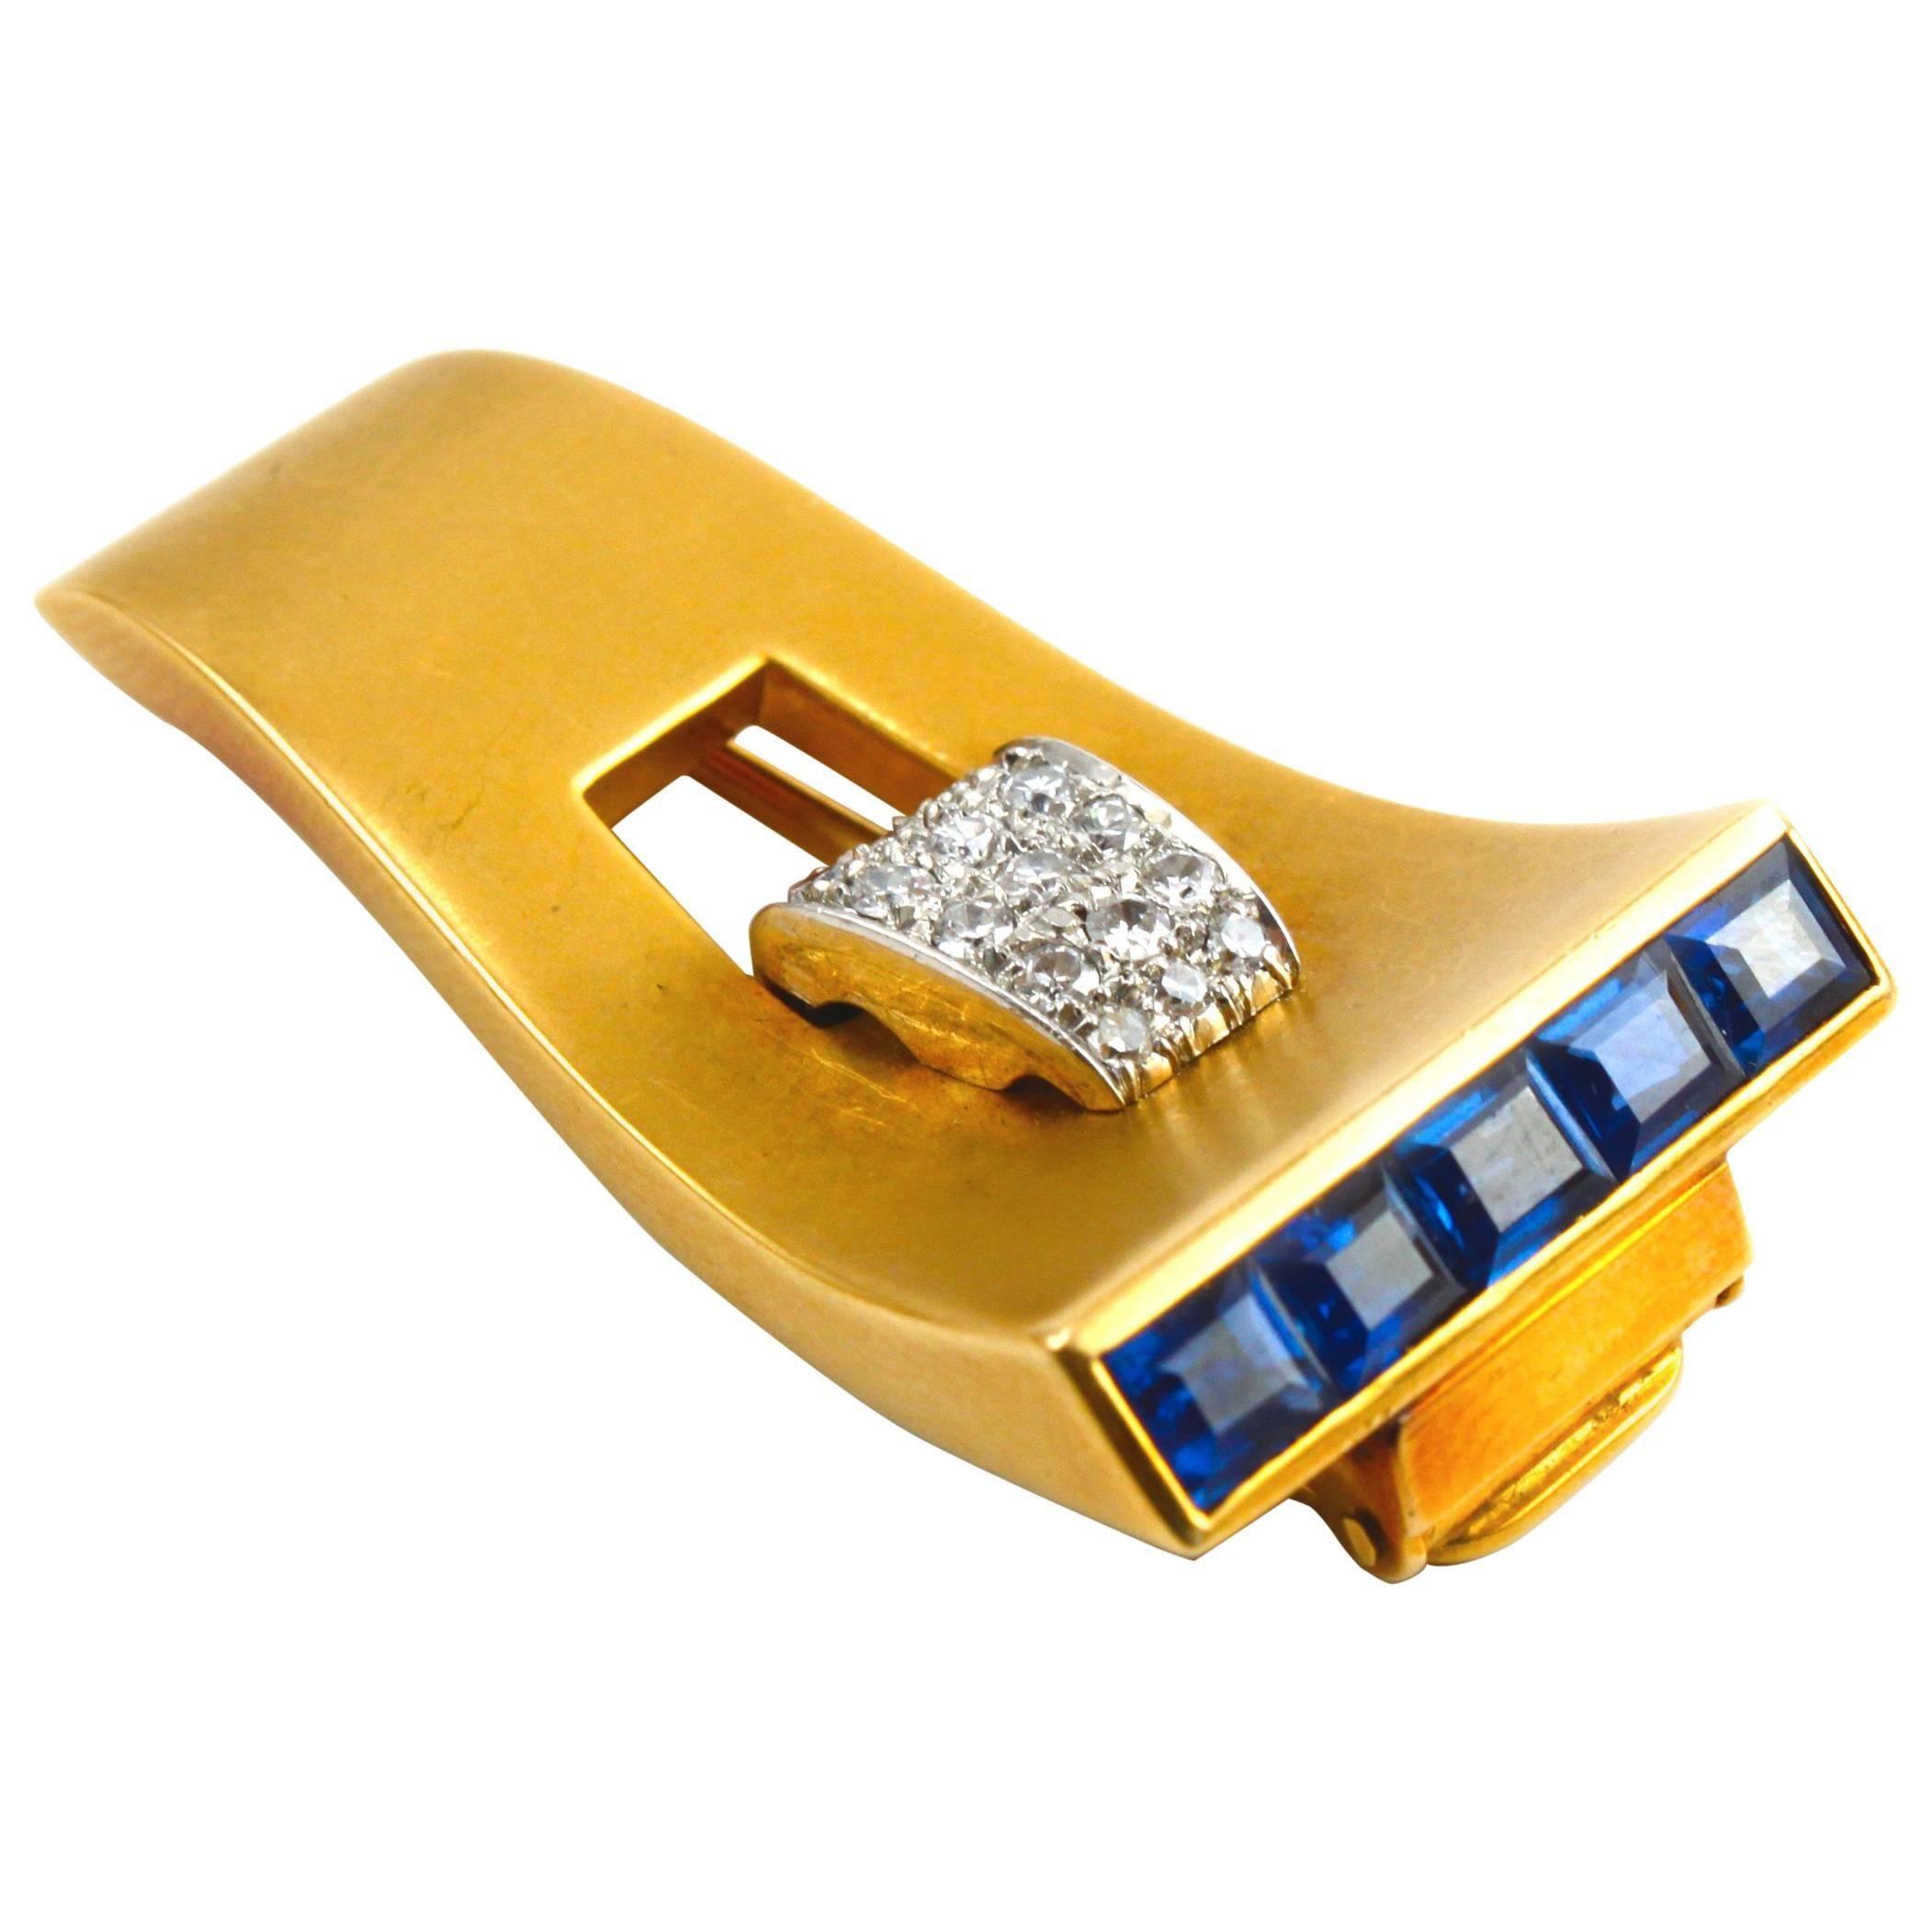 1940s 18k Gold Retro Sapphire and Diamond Clip Brooch